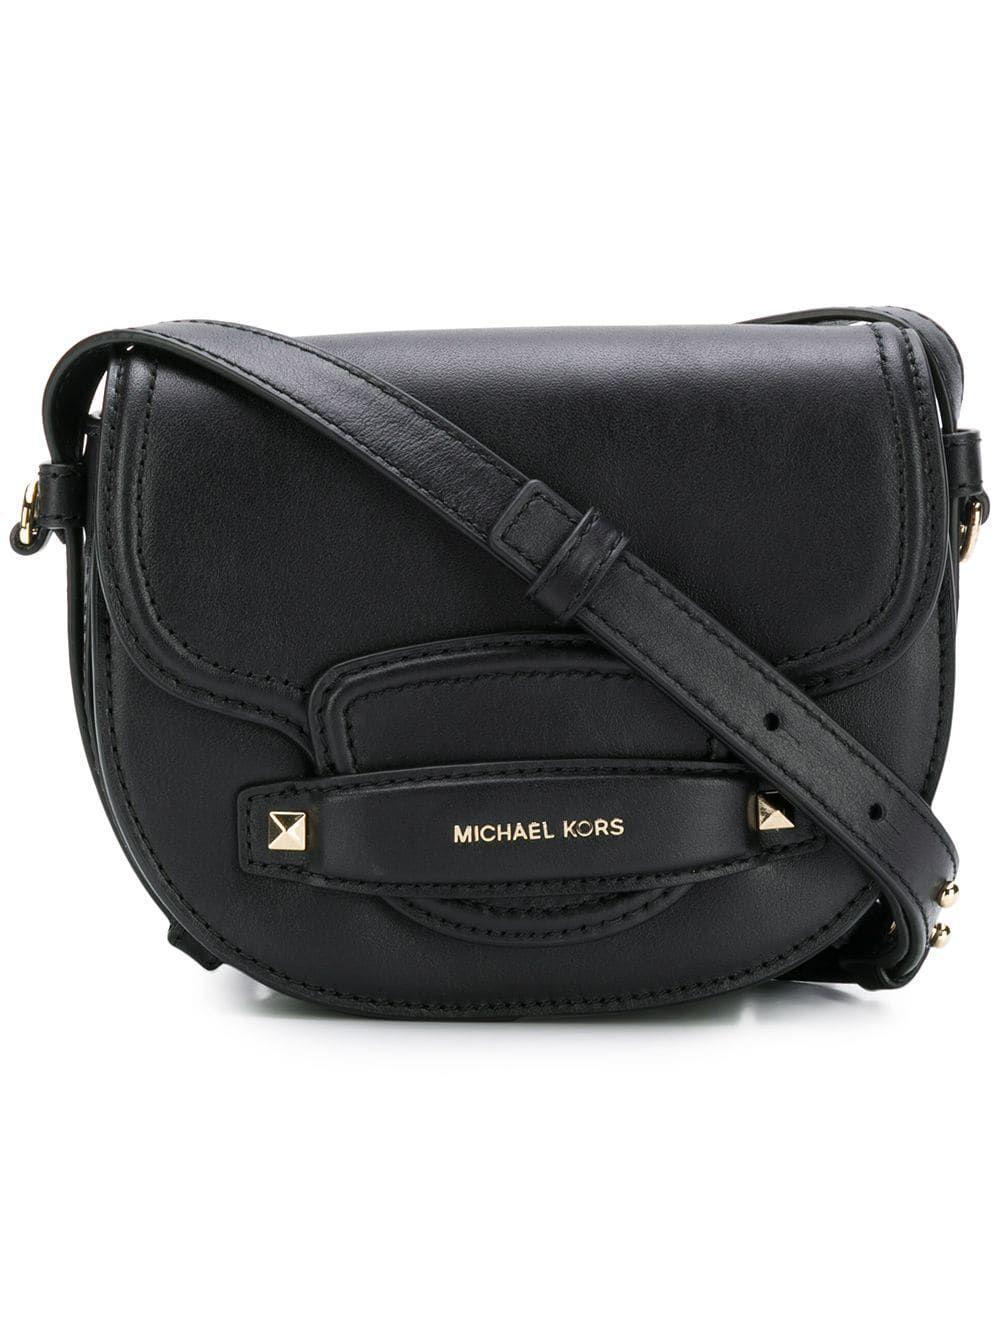 233040c6961afa Michael Kors Black Leather Shoulder Bag in Black - Save 43% - Lyst